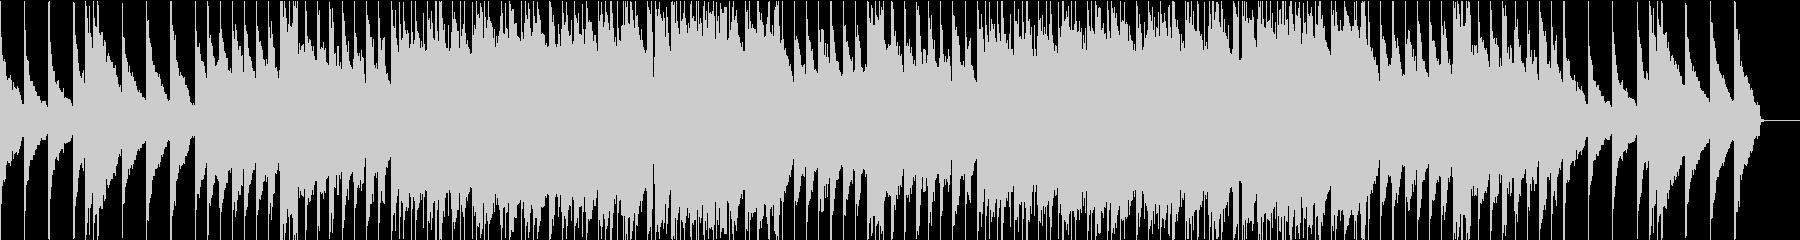 結婚式・感動・R&Bバラード・ピアノソロの未再生の波形